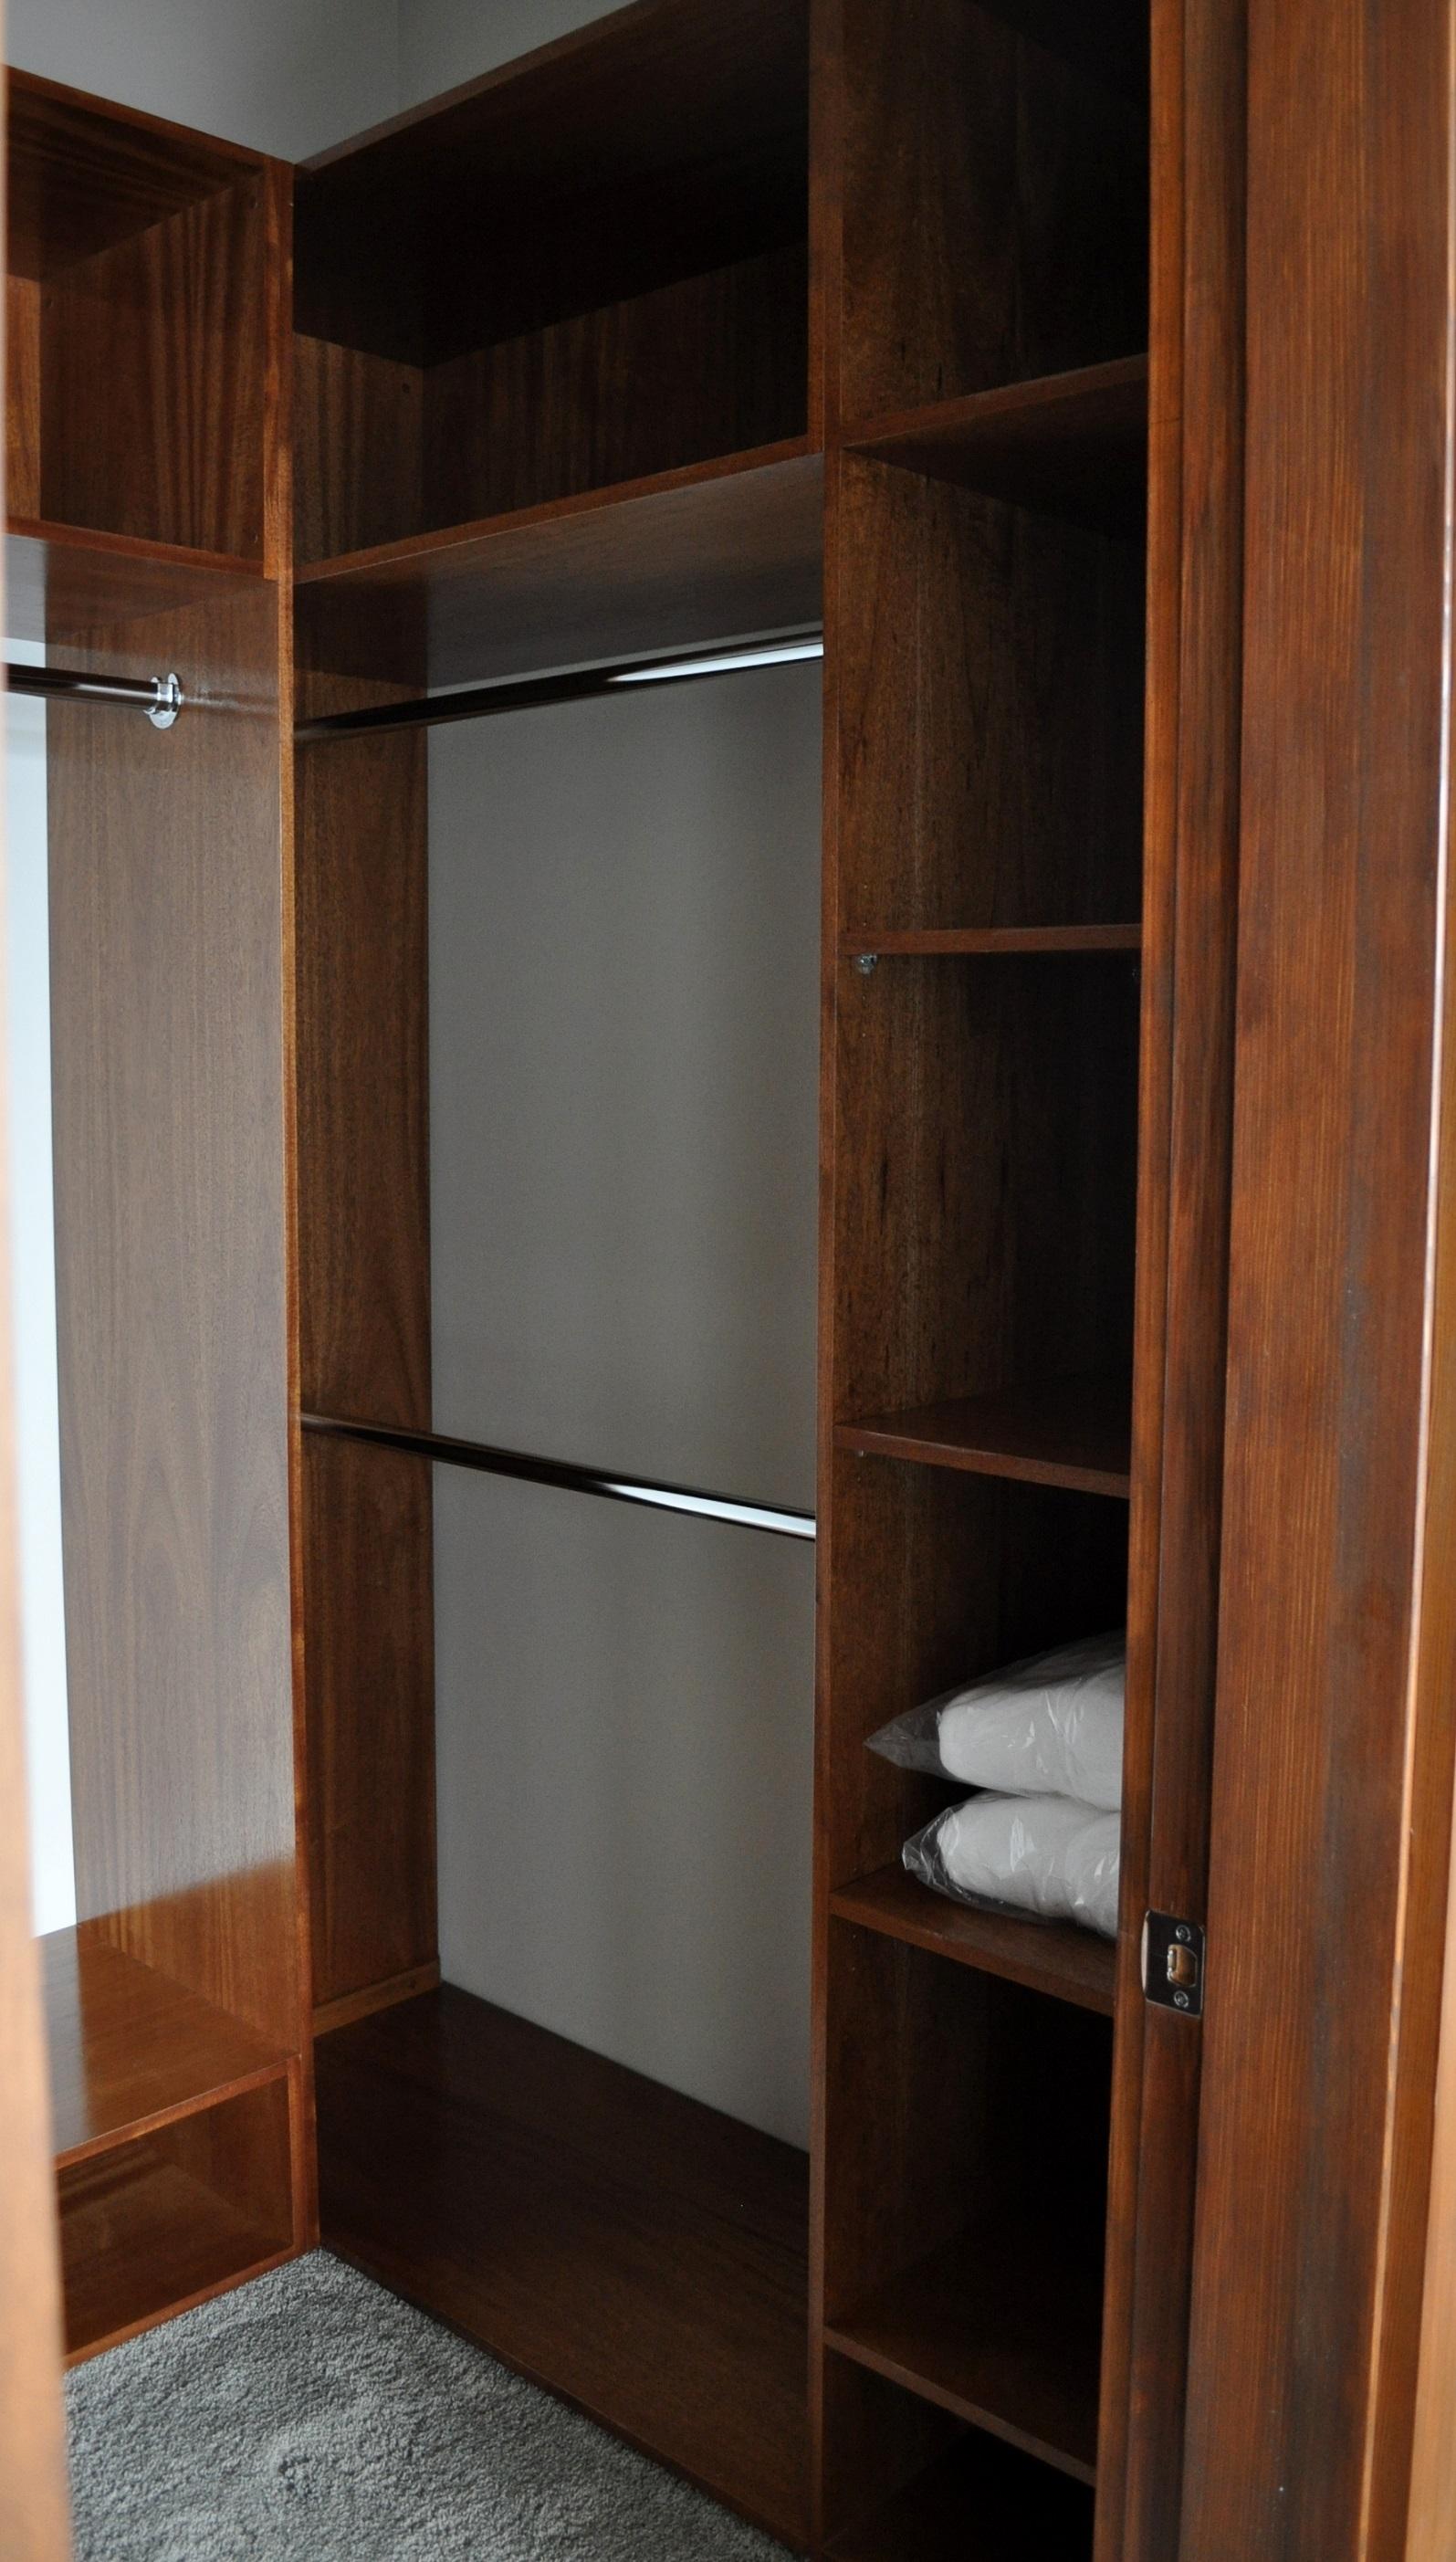 mahogany-custom-closet-cabinetry.JPG